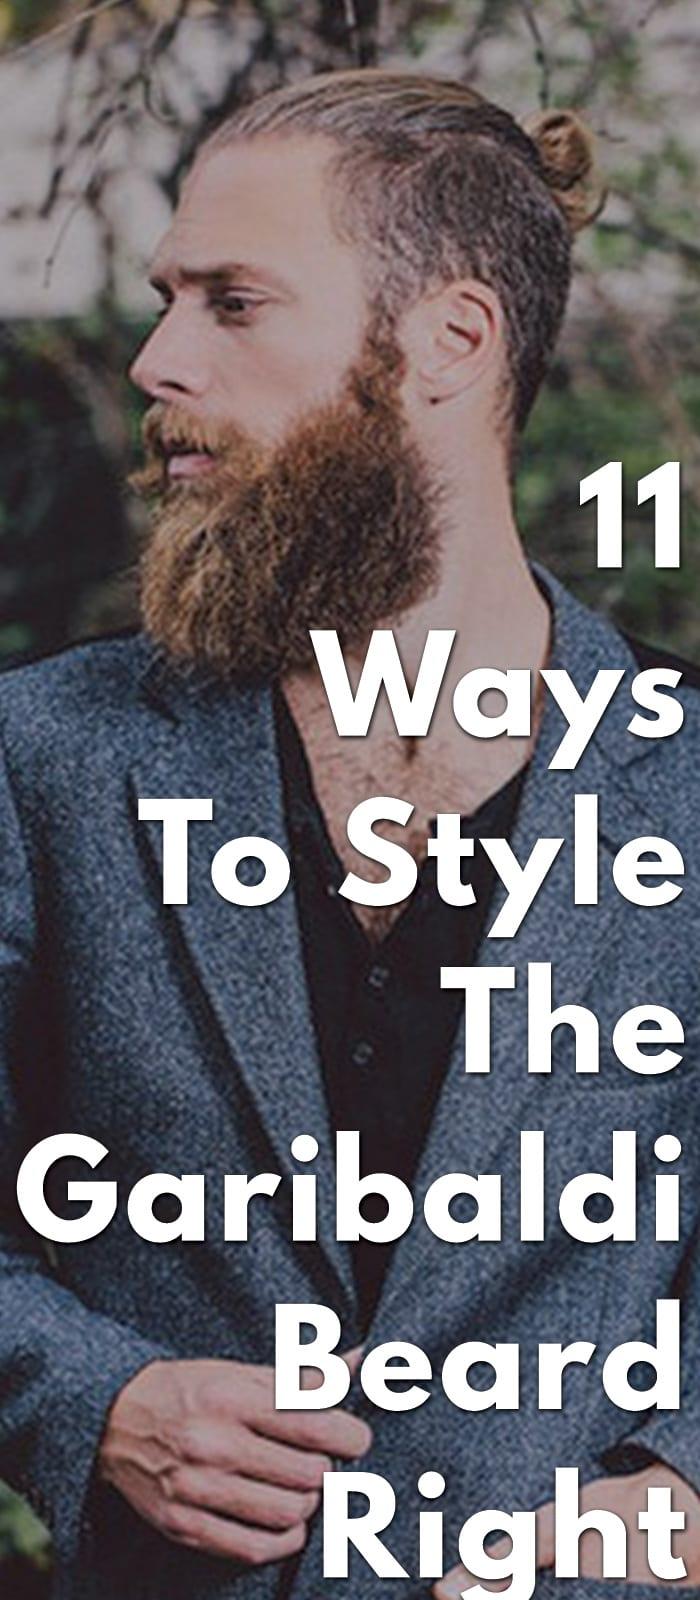 11-Ways-To-Style-The-Garibaldi-Beard-Right